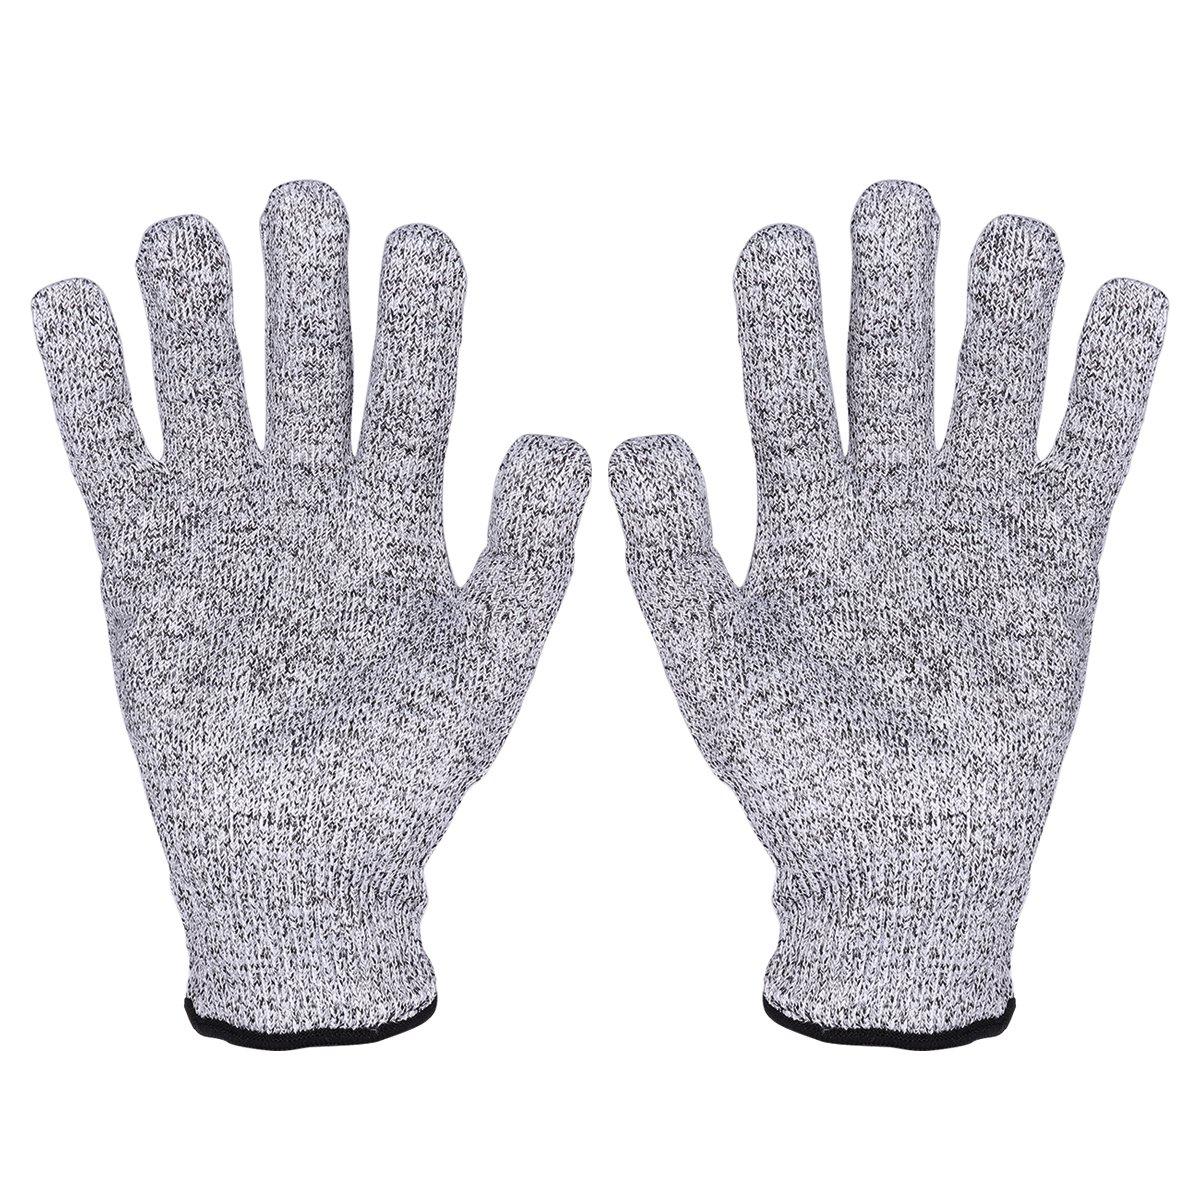 UEETEK Gants résistants à la coupe Gant de cuisine de protection de niveau 5 de haute performance pour la sécurité de la main tout en réduisant la cuisine.